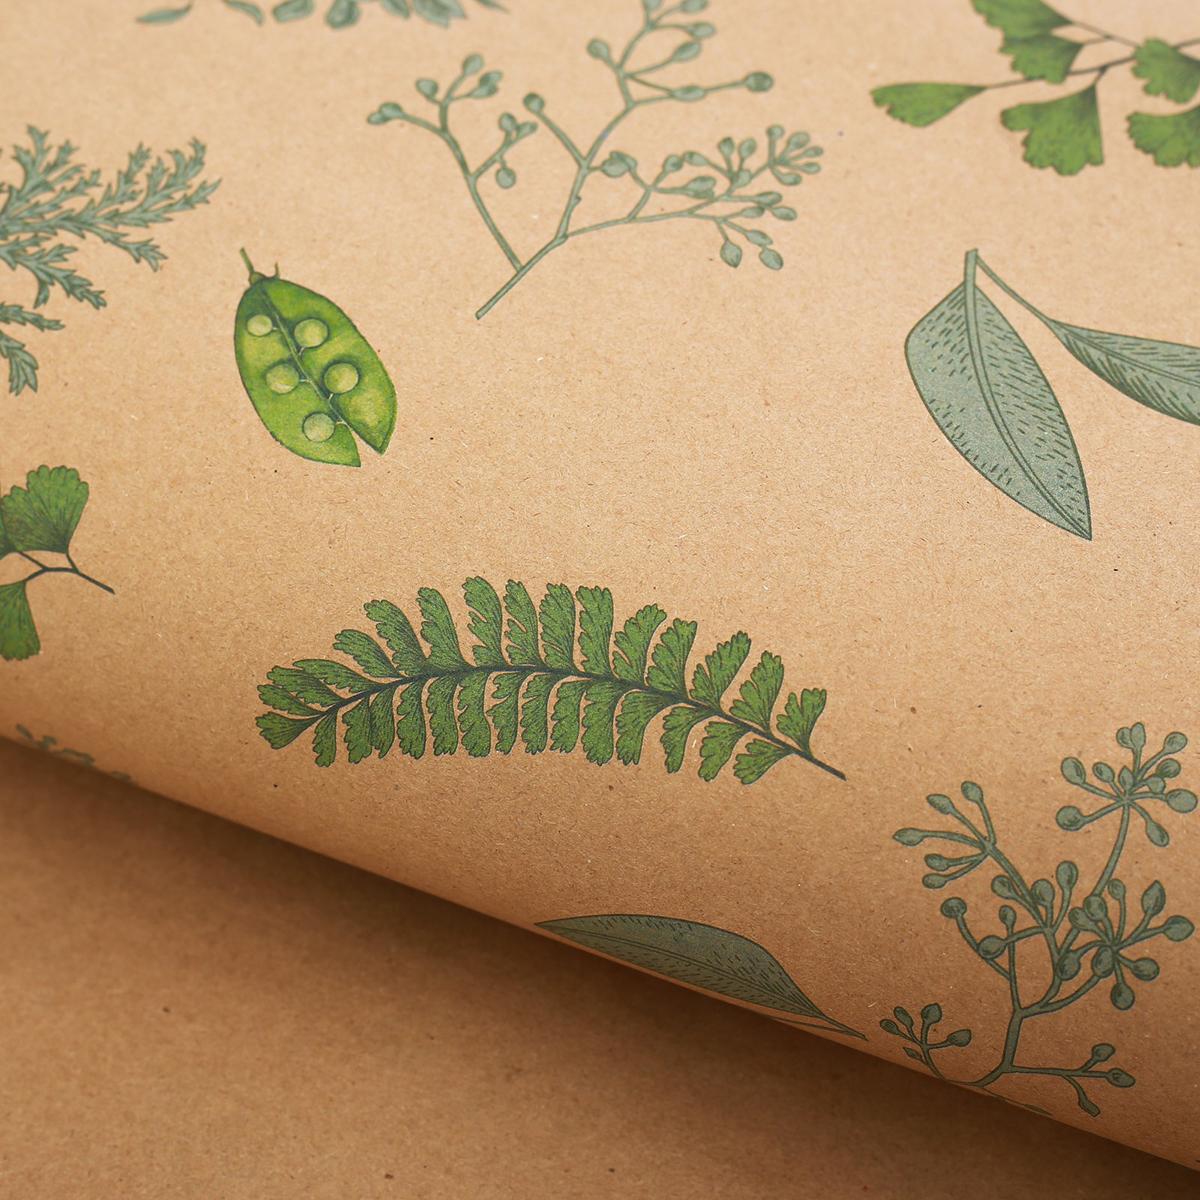 Крафт бумага Дарите Счастье Зеленая ботаника, 50 х 70 см2771495Любой подарок начинается с упаковки. Что может быть трогательнее и волшебнее, чем ритуал разворачивания полученного презента. И именно оригинальная, со вкусом выбранная упаковка выделит ваш подарок из массы других. Она продемонстрирует самые теплые чувства к виновнику торжества и создаст сказочную атмосферу праздника.